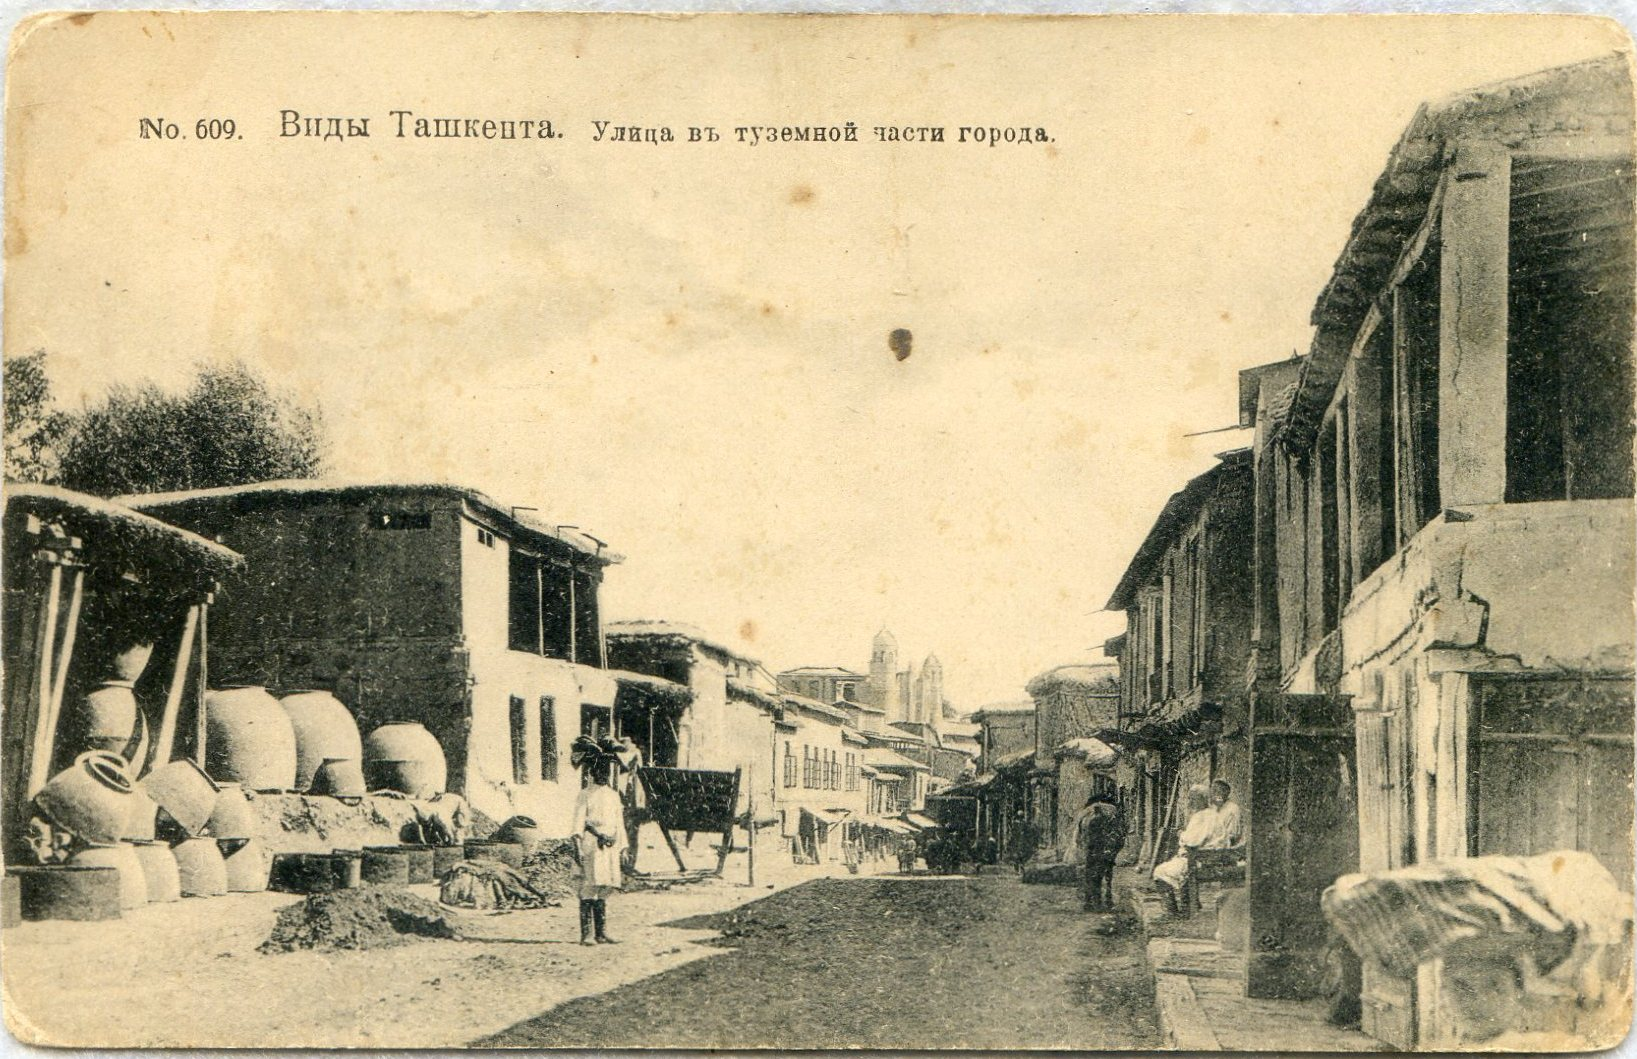 Улица в туземной части города